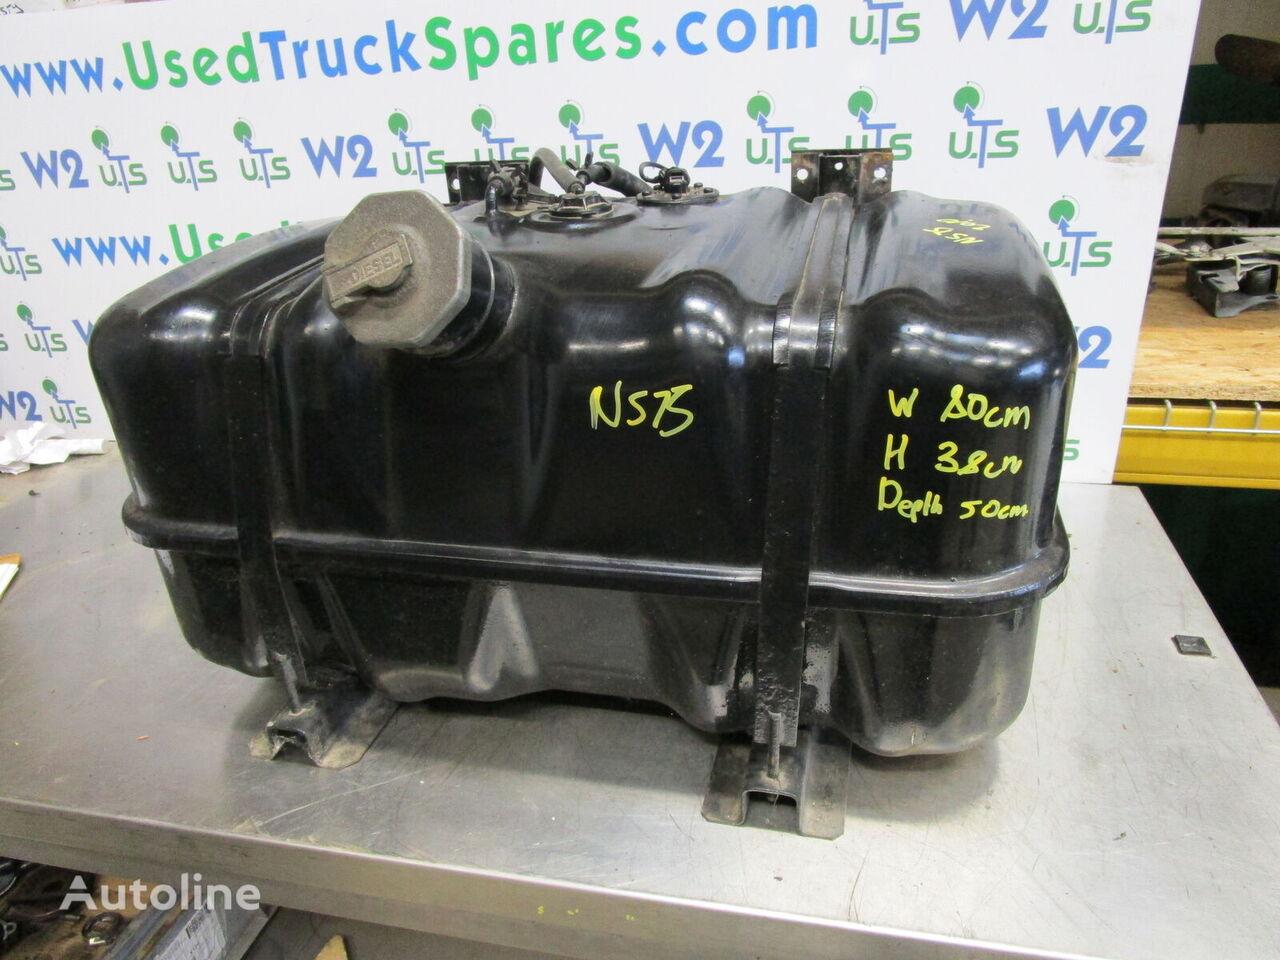 ISUZU N75 depósito de combustible para camión